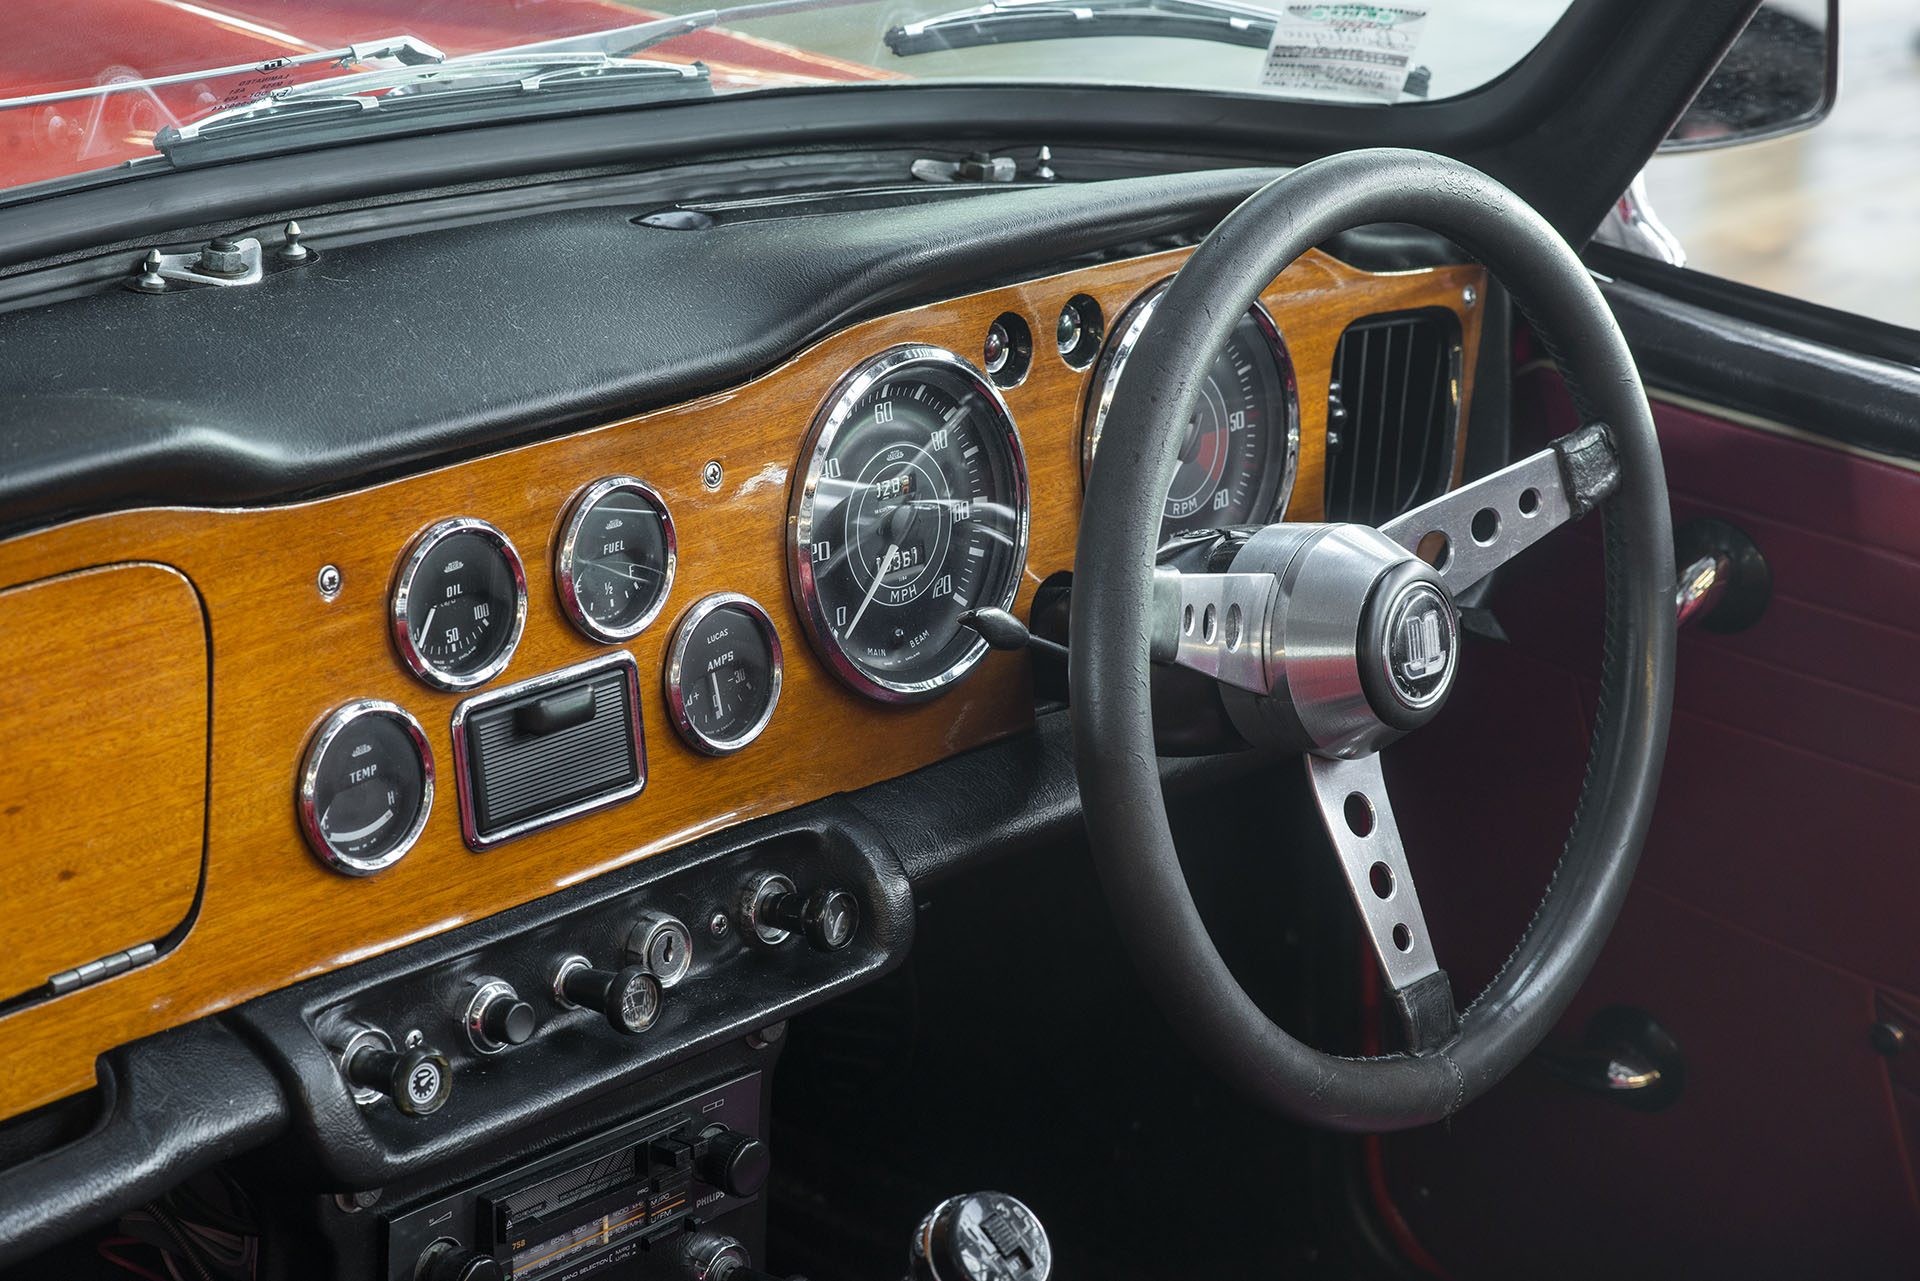 1965 Triumph TR4A IRS - Richmonds - Classic and Prestige